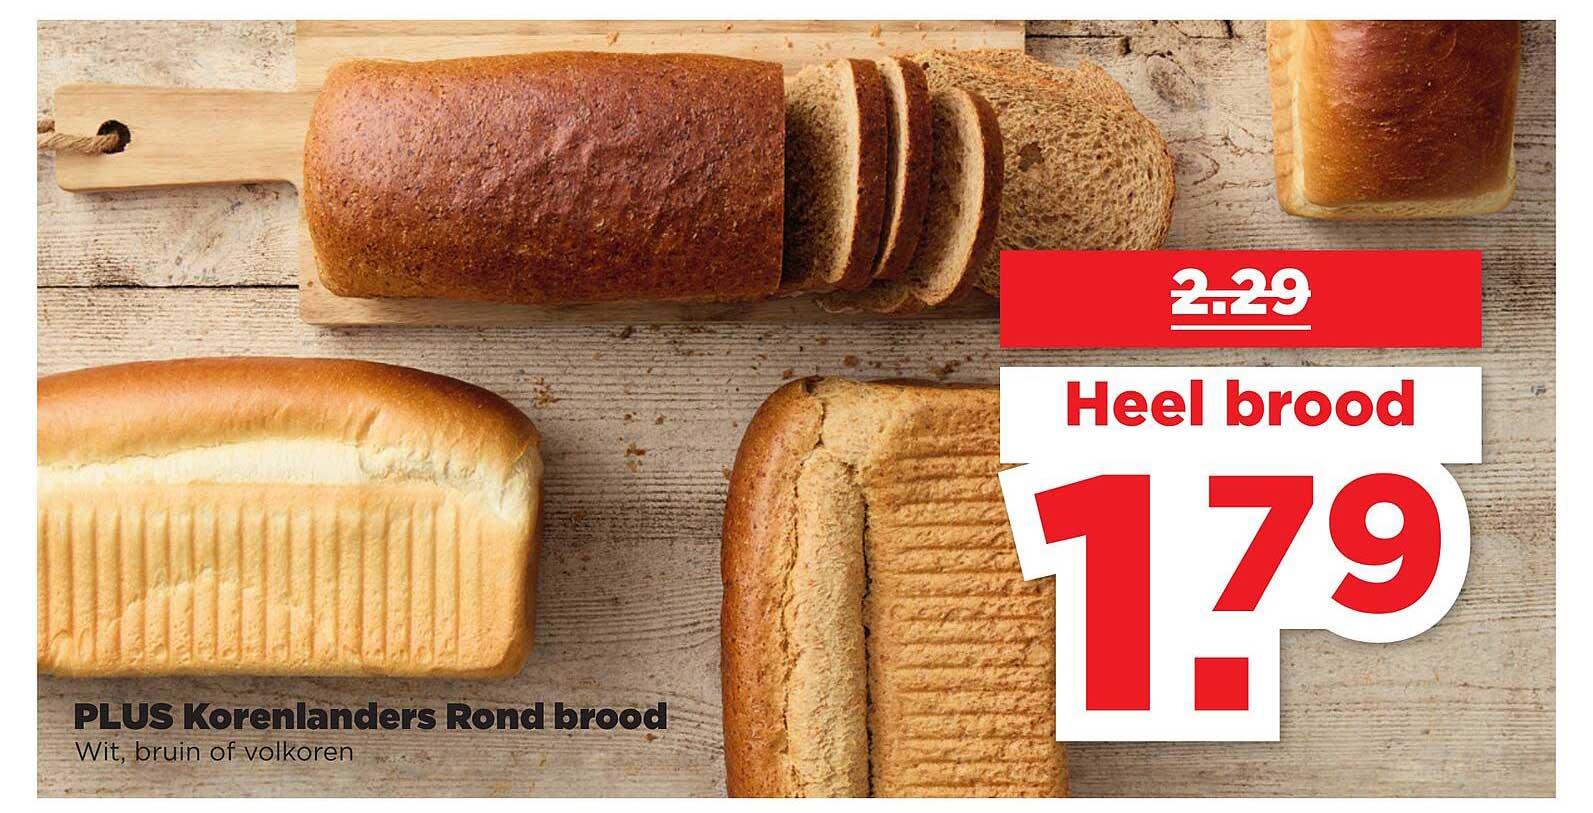 PLUS Plus Korenlanders Rond Brood